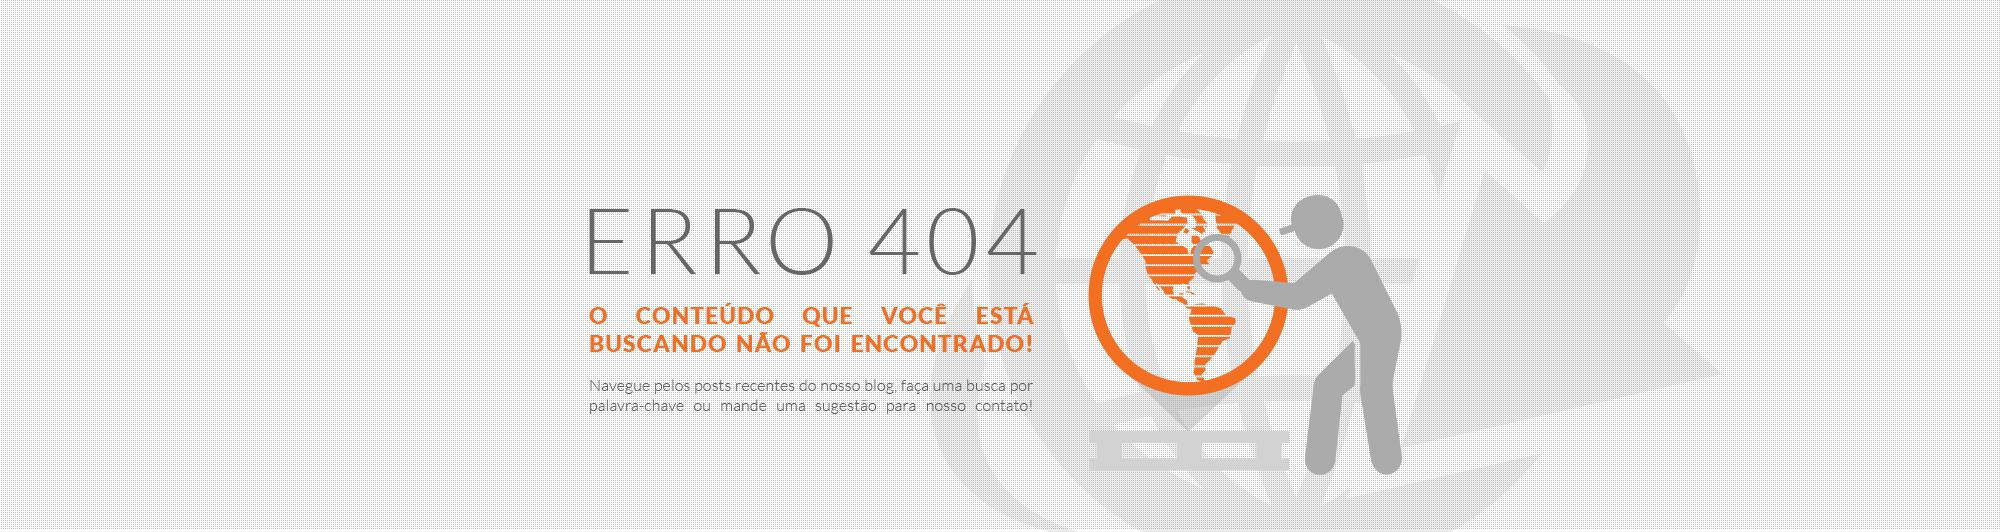 Erro 404 - O conteúdo que você está buscando não foi encontrado!